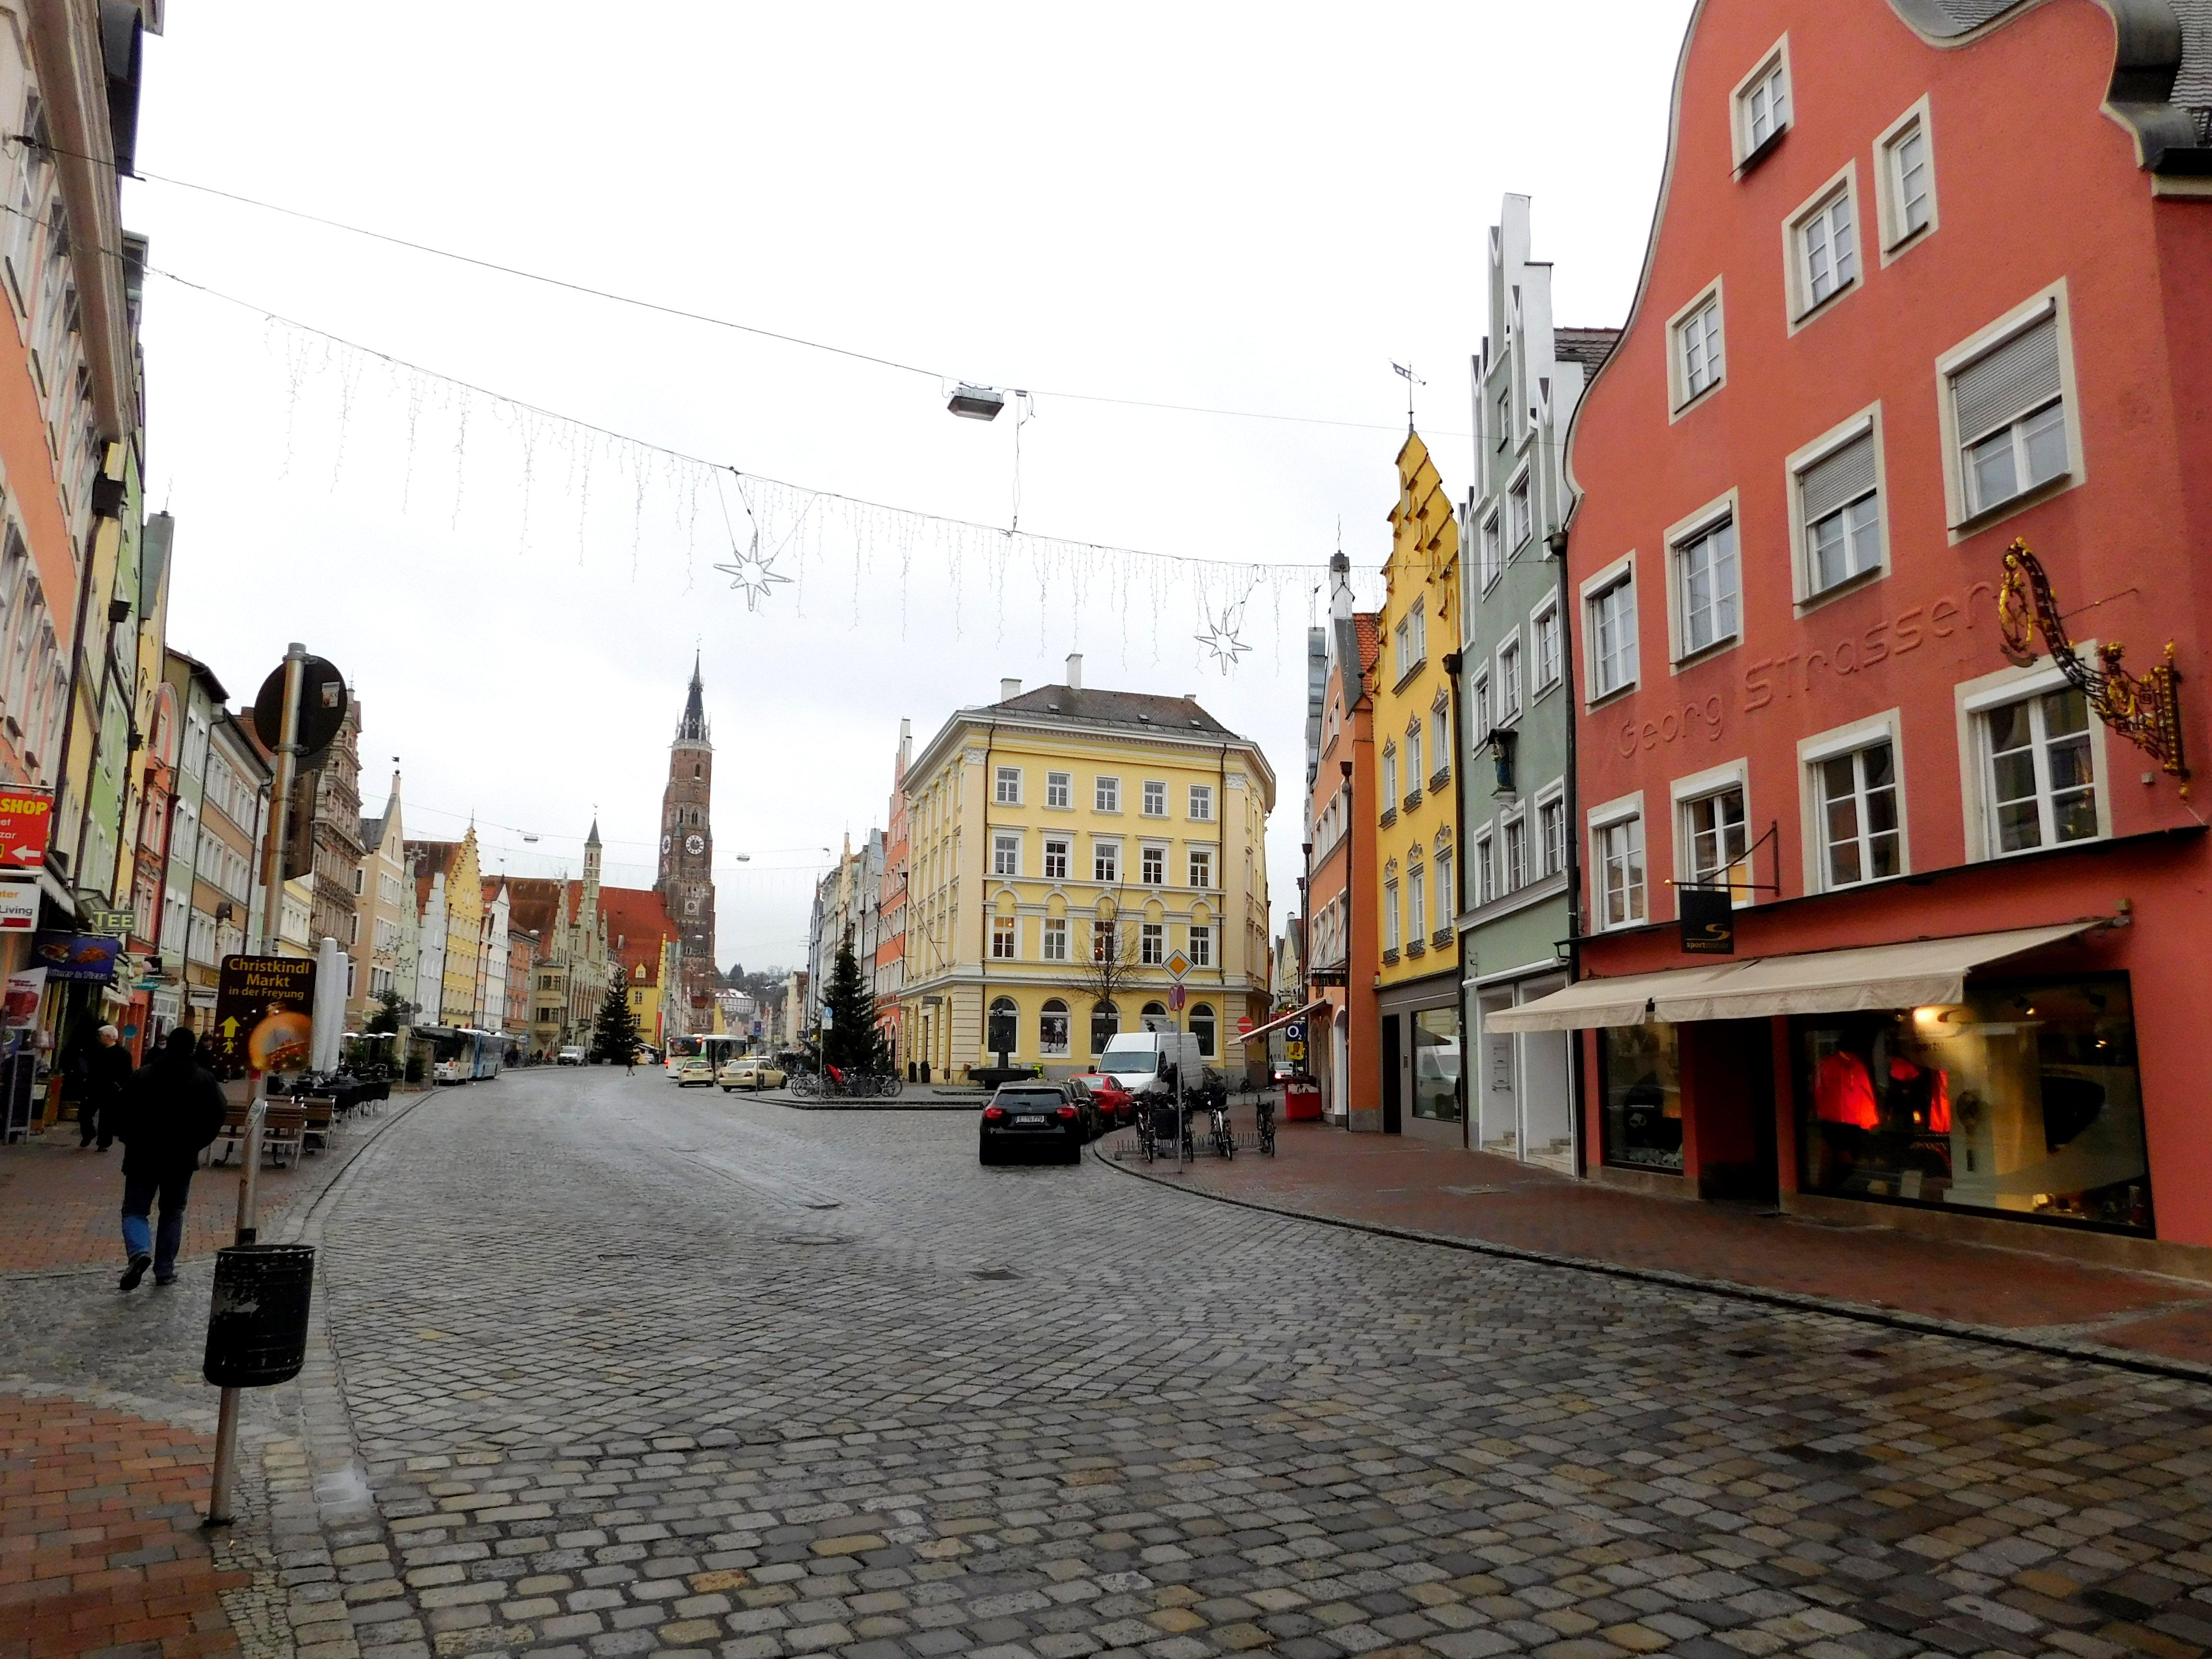 Landshut city center